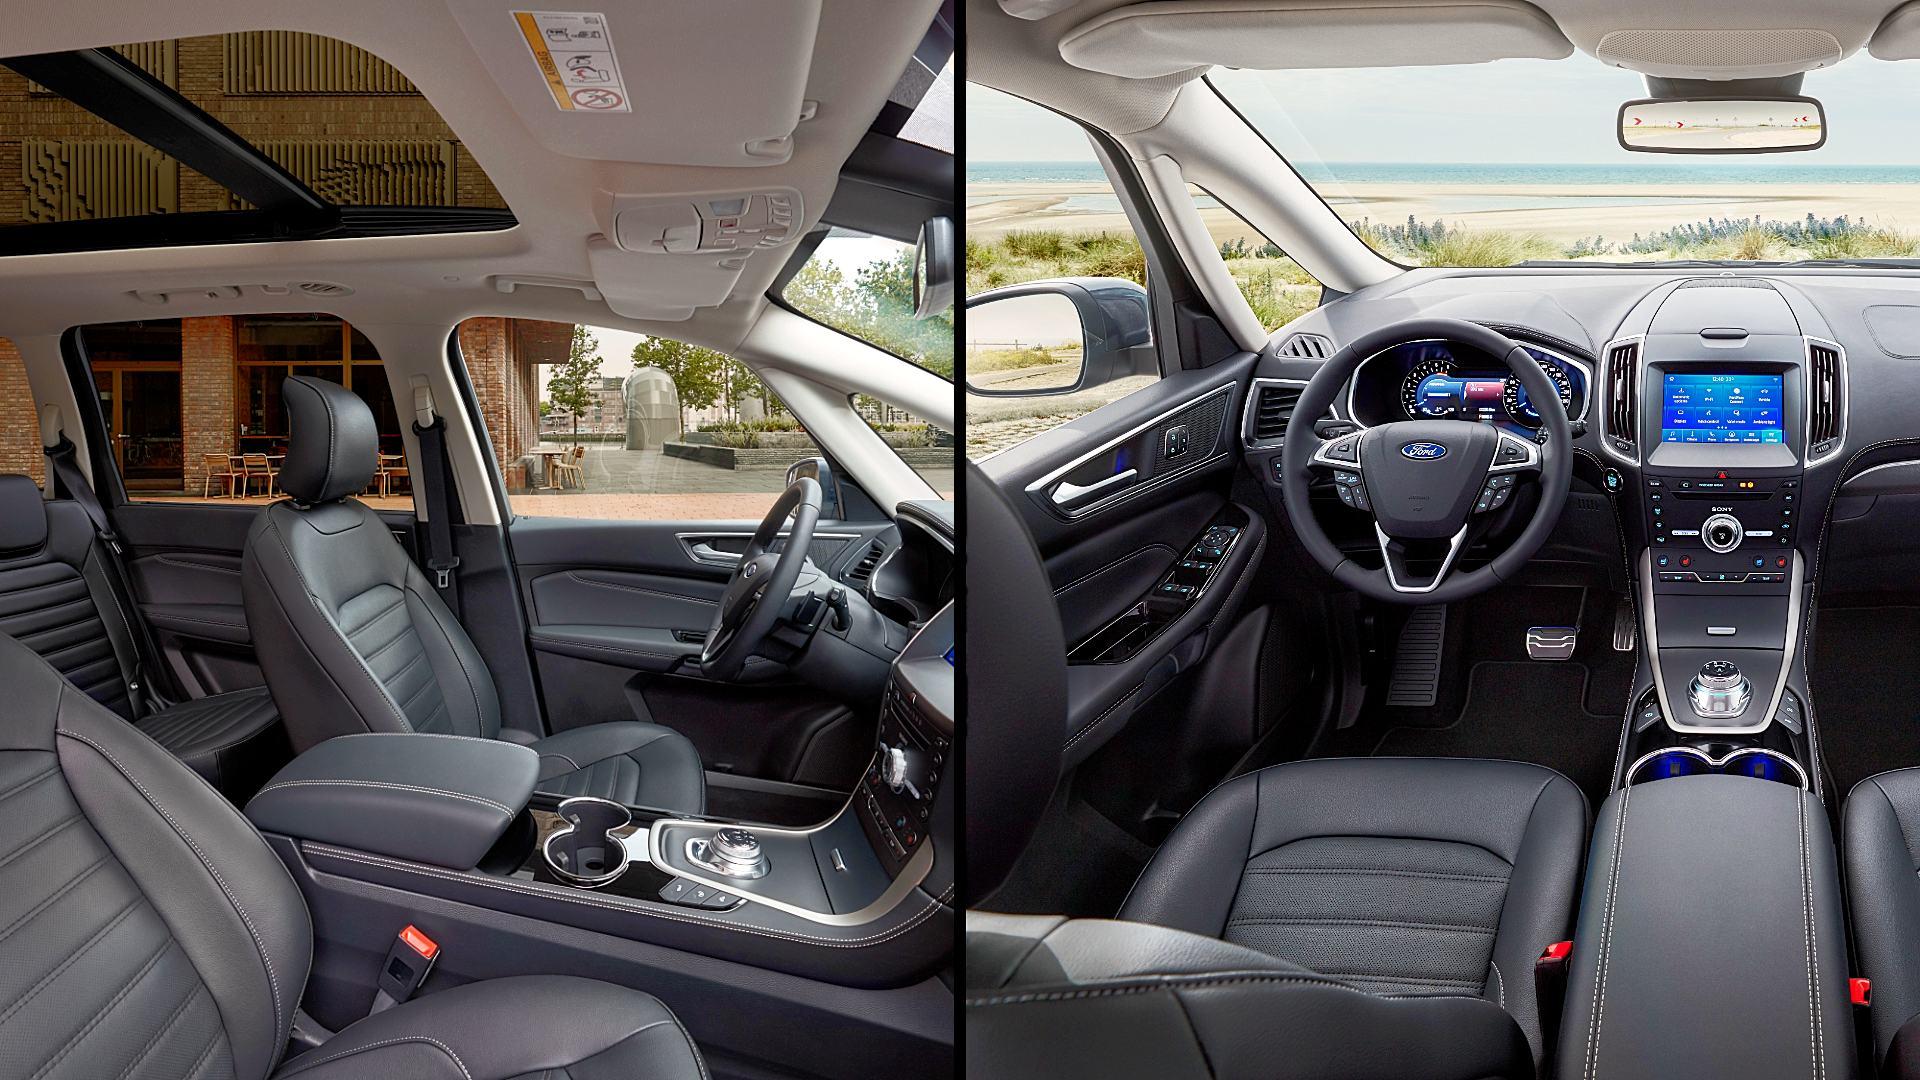 2020 Ford Galaxy Interior Inside